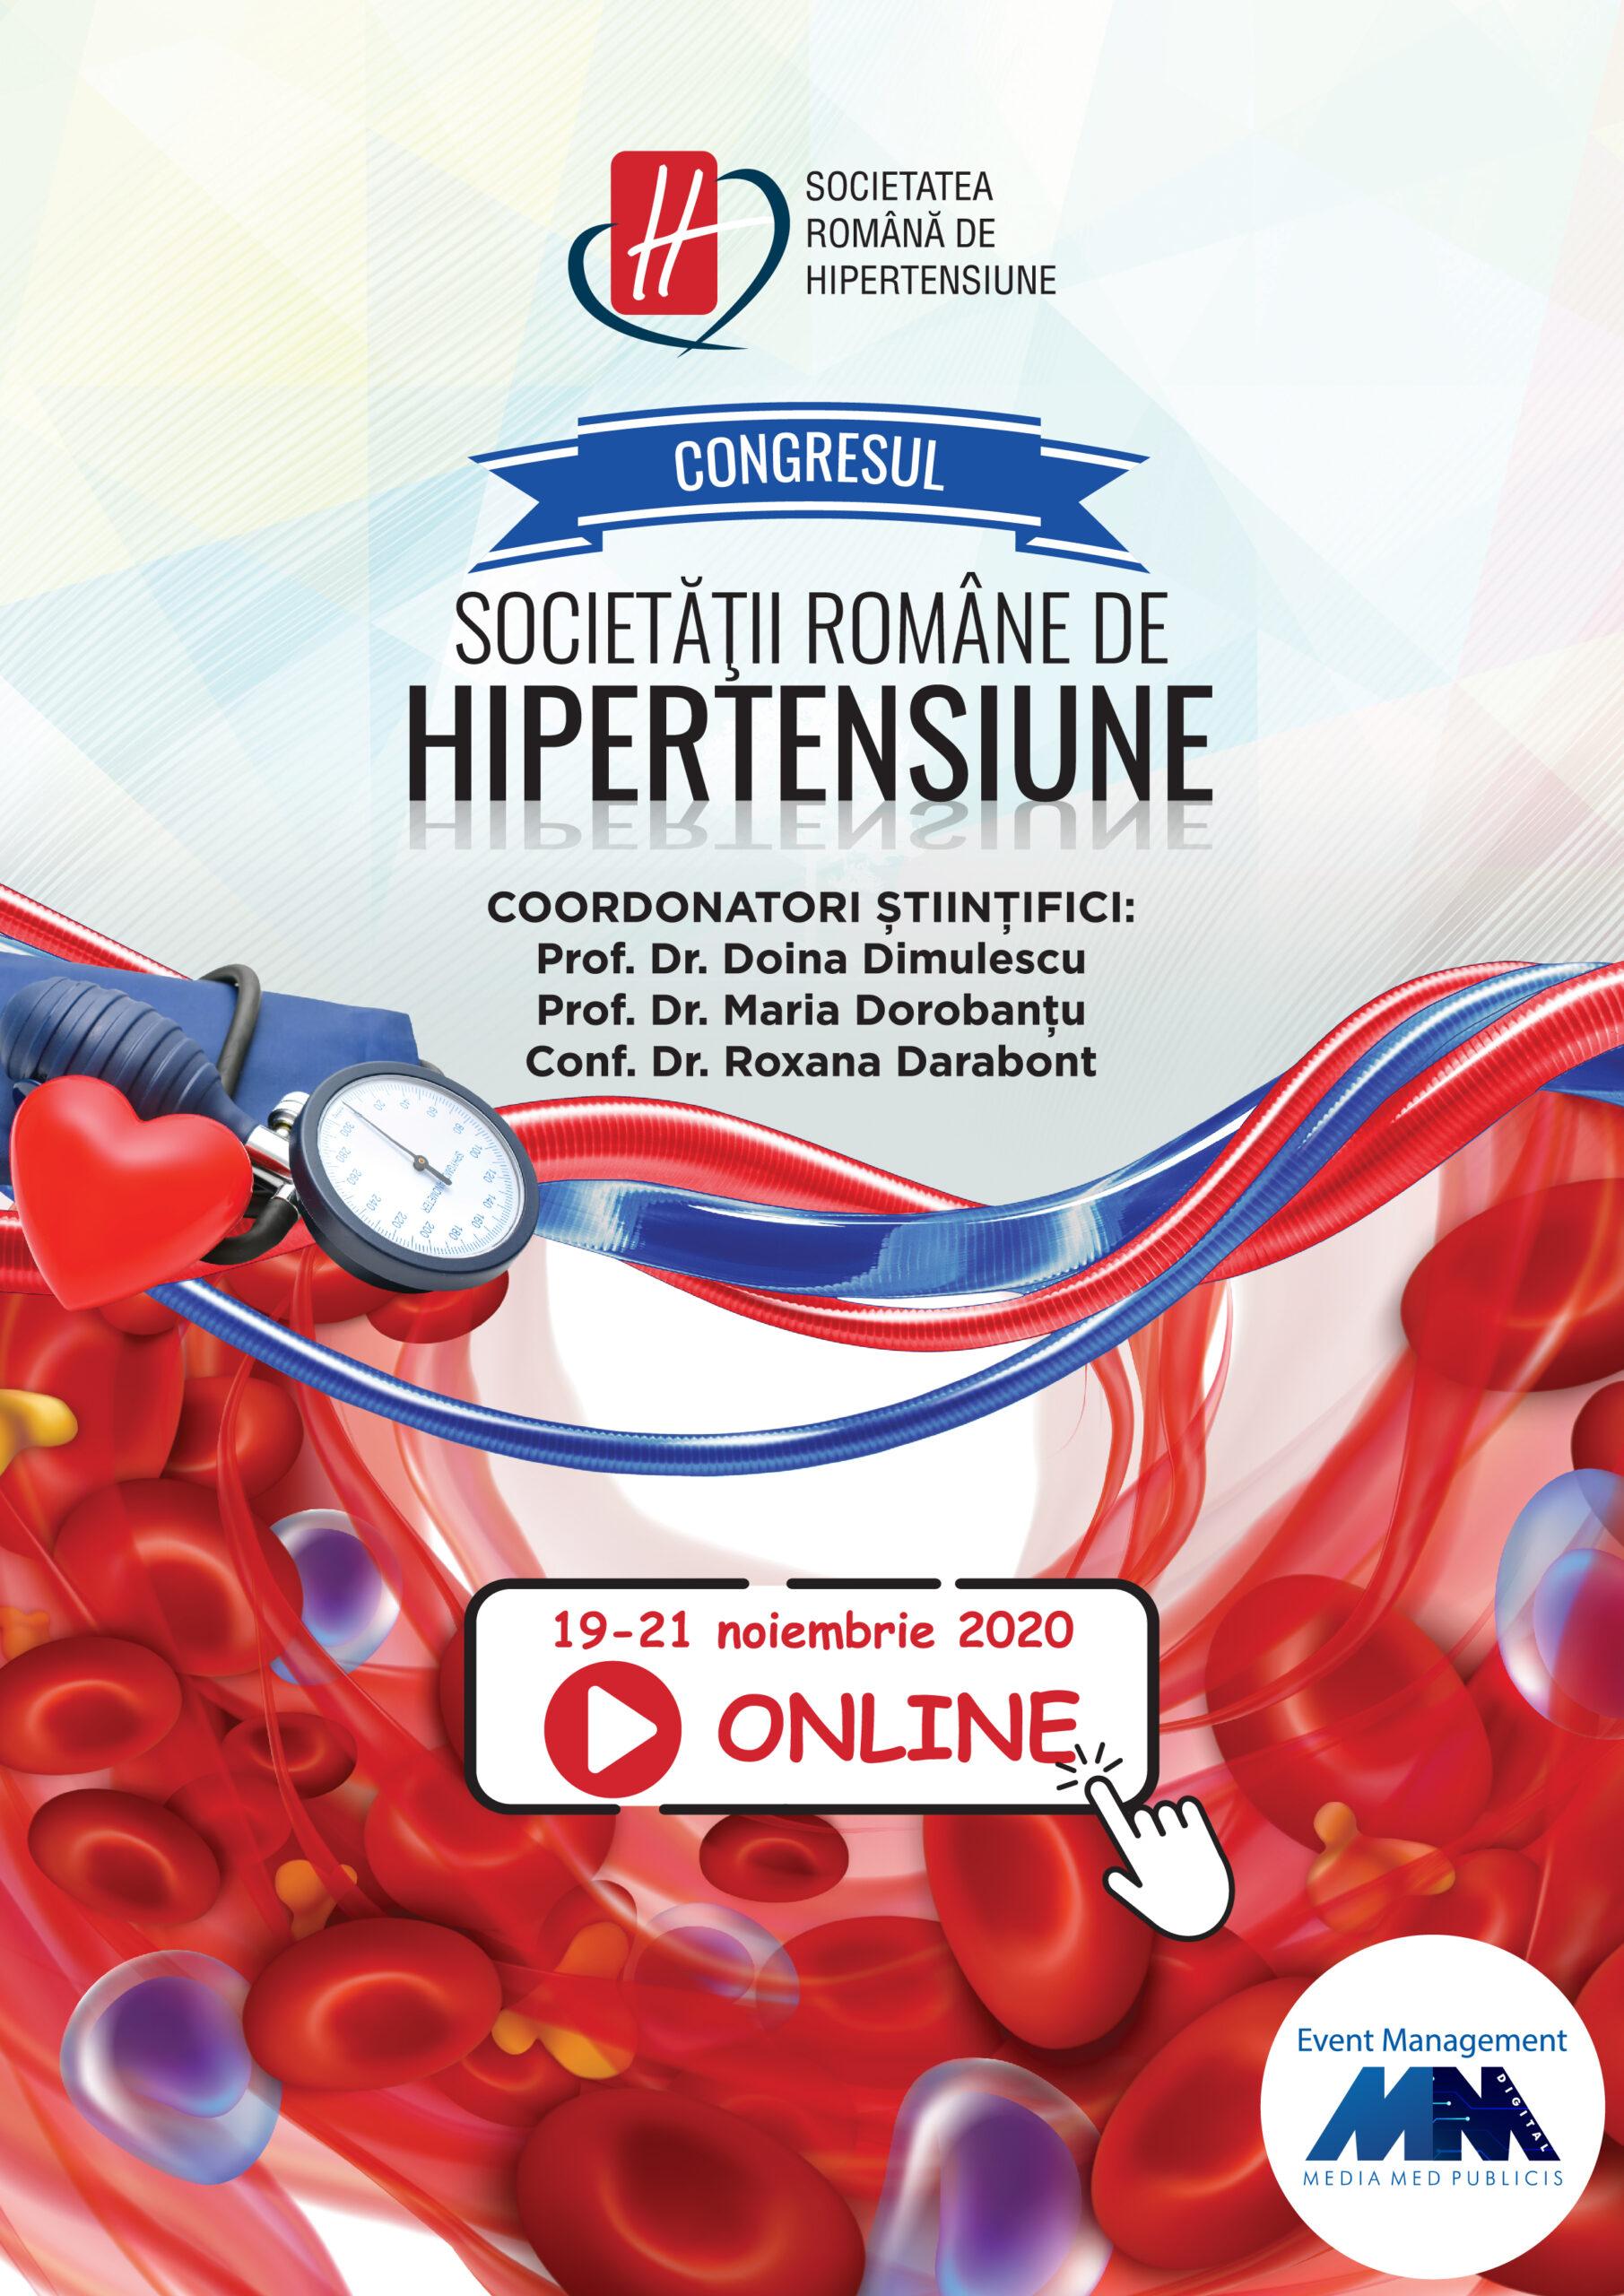 Congresul Societăţii Române de Hipertensiune Arterială: 19-21 noiembrie, online